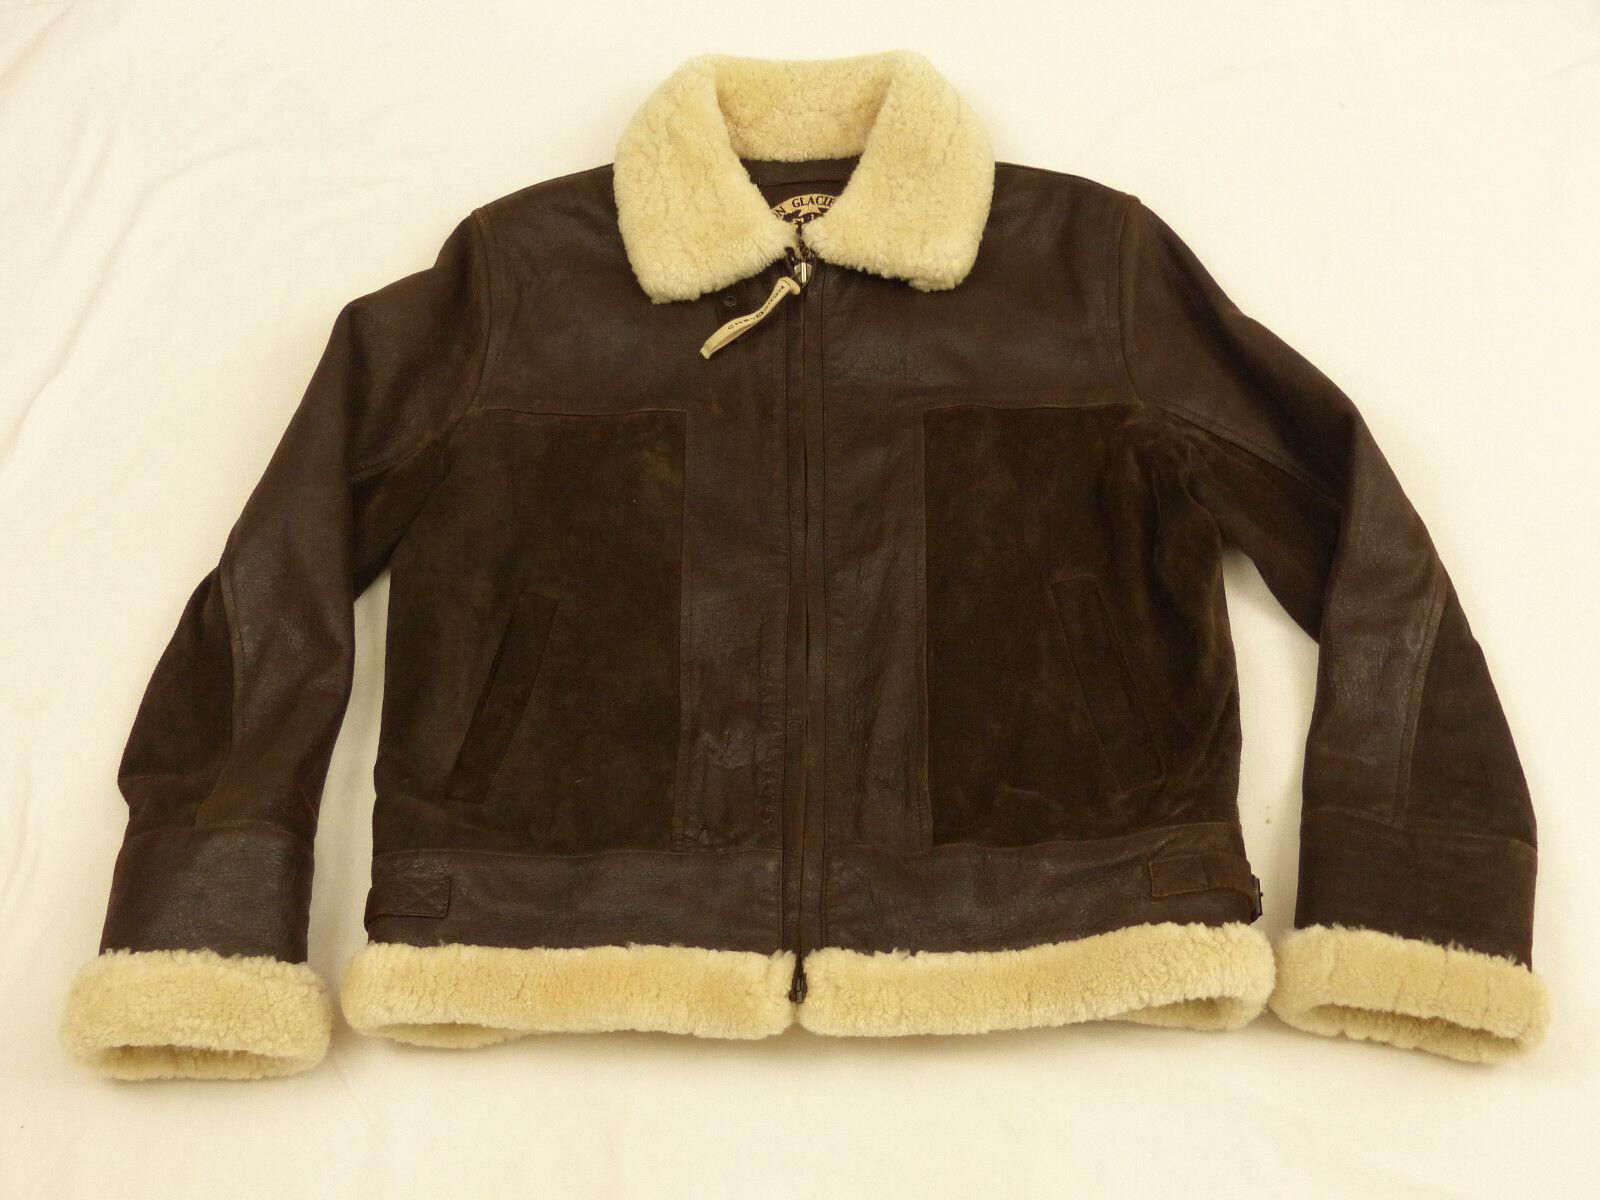 Chevignon bombardier b3 pilotes aviateur vintage veste brouk taille:l wie neuf